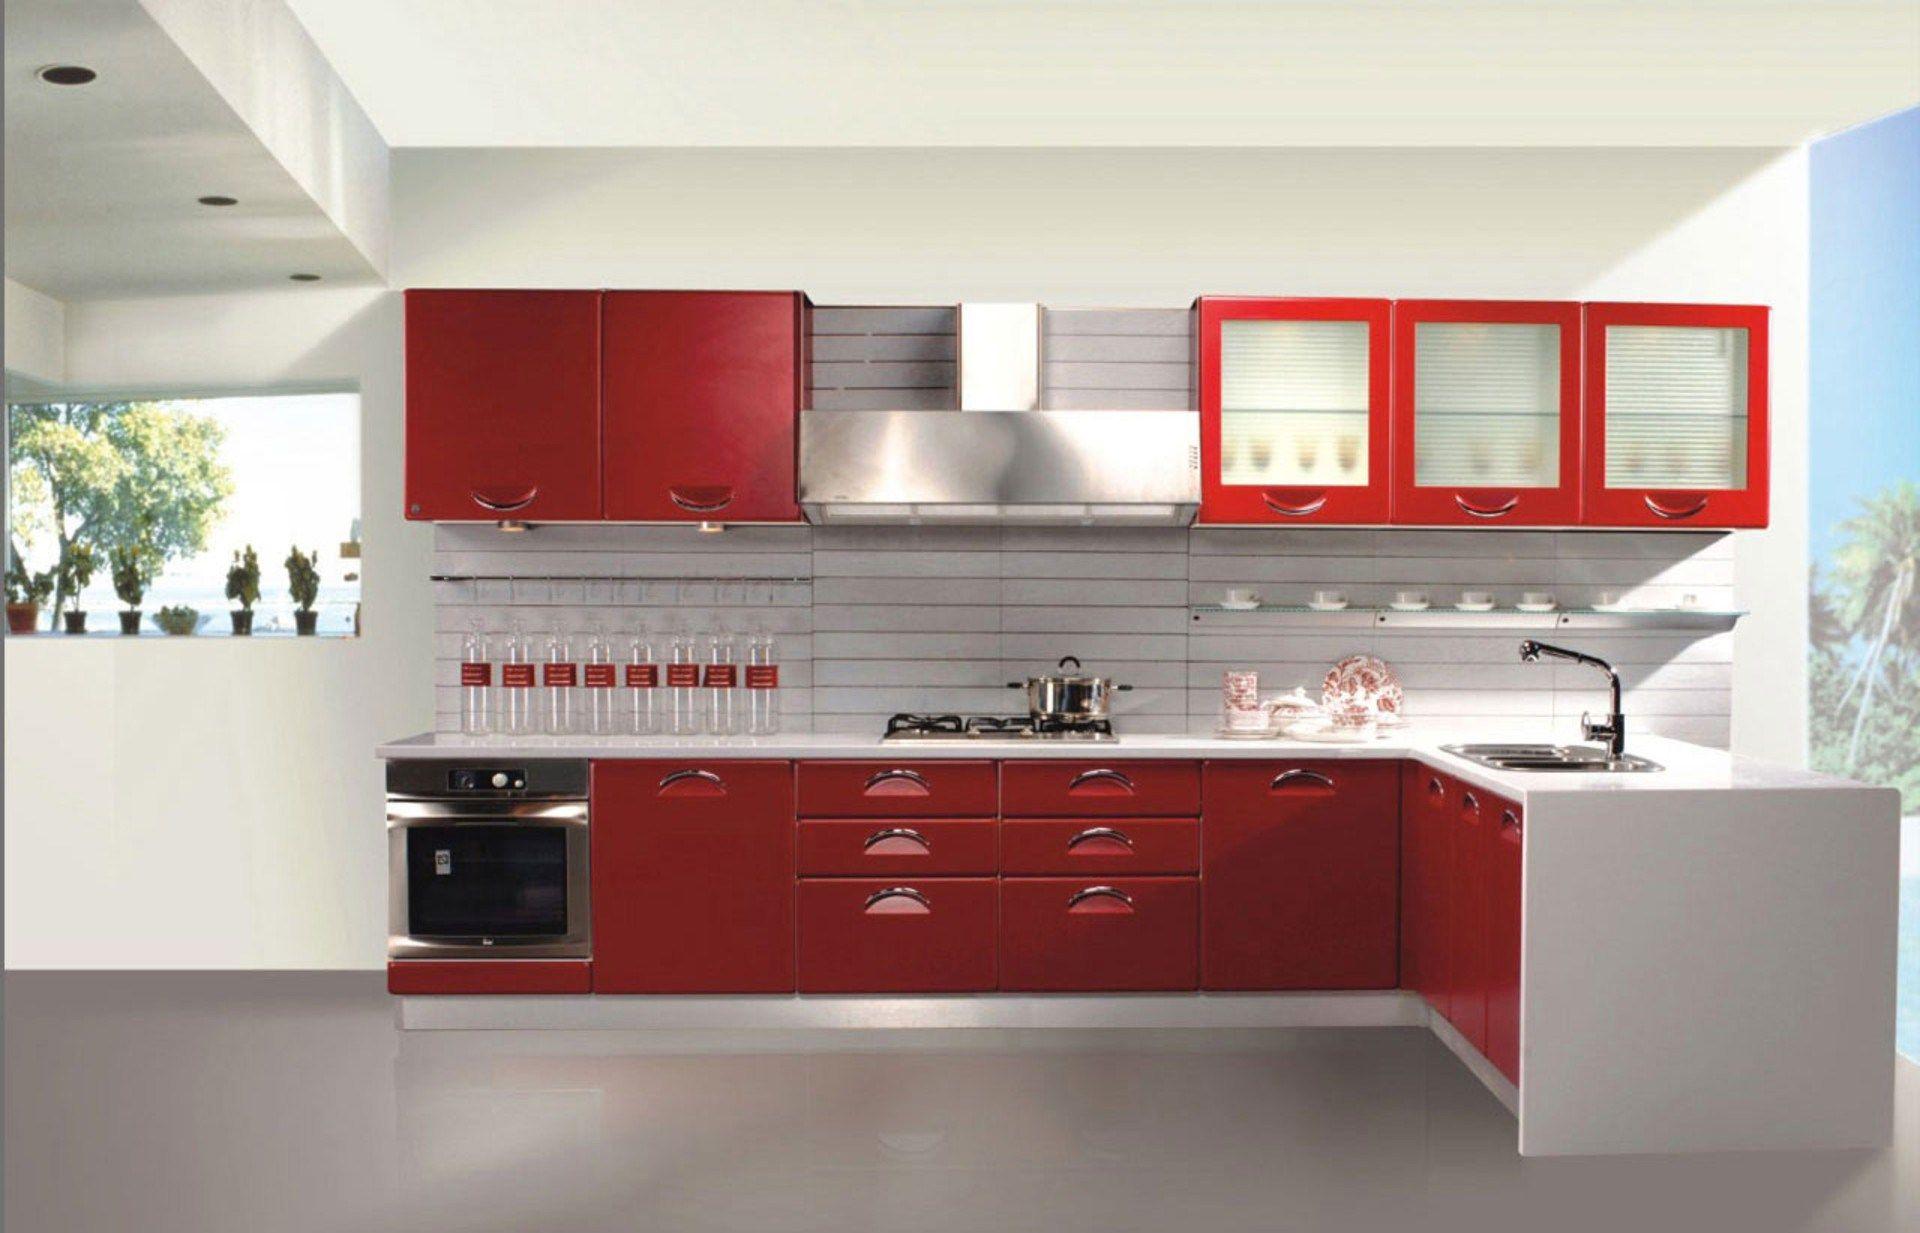 Design Wood Interior Design Restaurant Interio Modern Kitchen Ideas Kitchen Wooden Kitchen Cabinet Mo Modern Kitchen Design Kitchen Design Kitchen Design Color